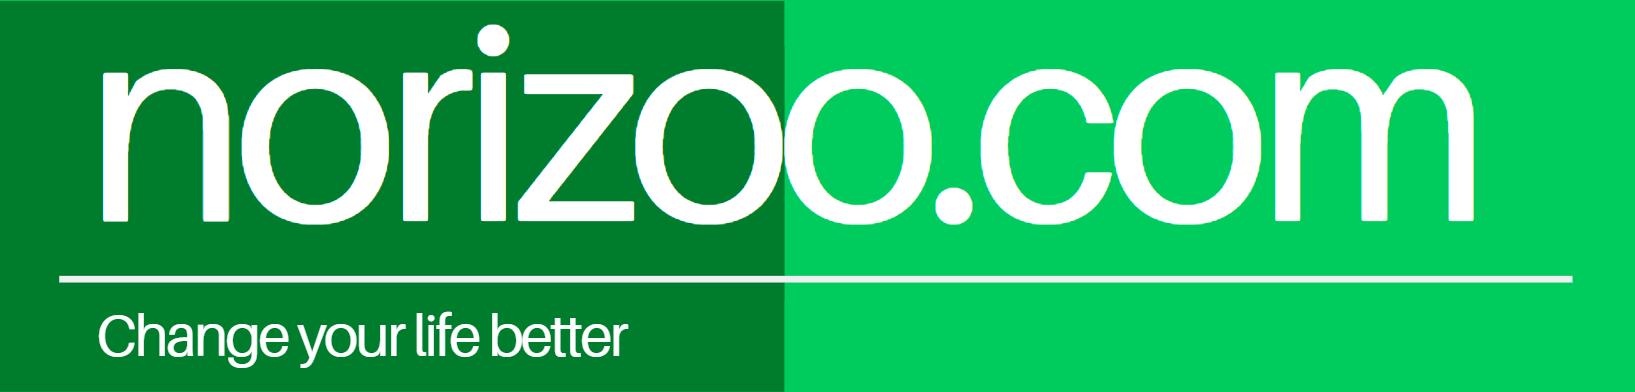 norizoo.com